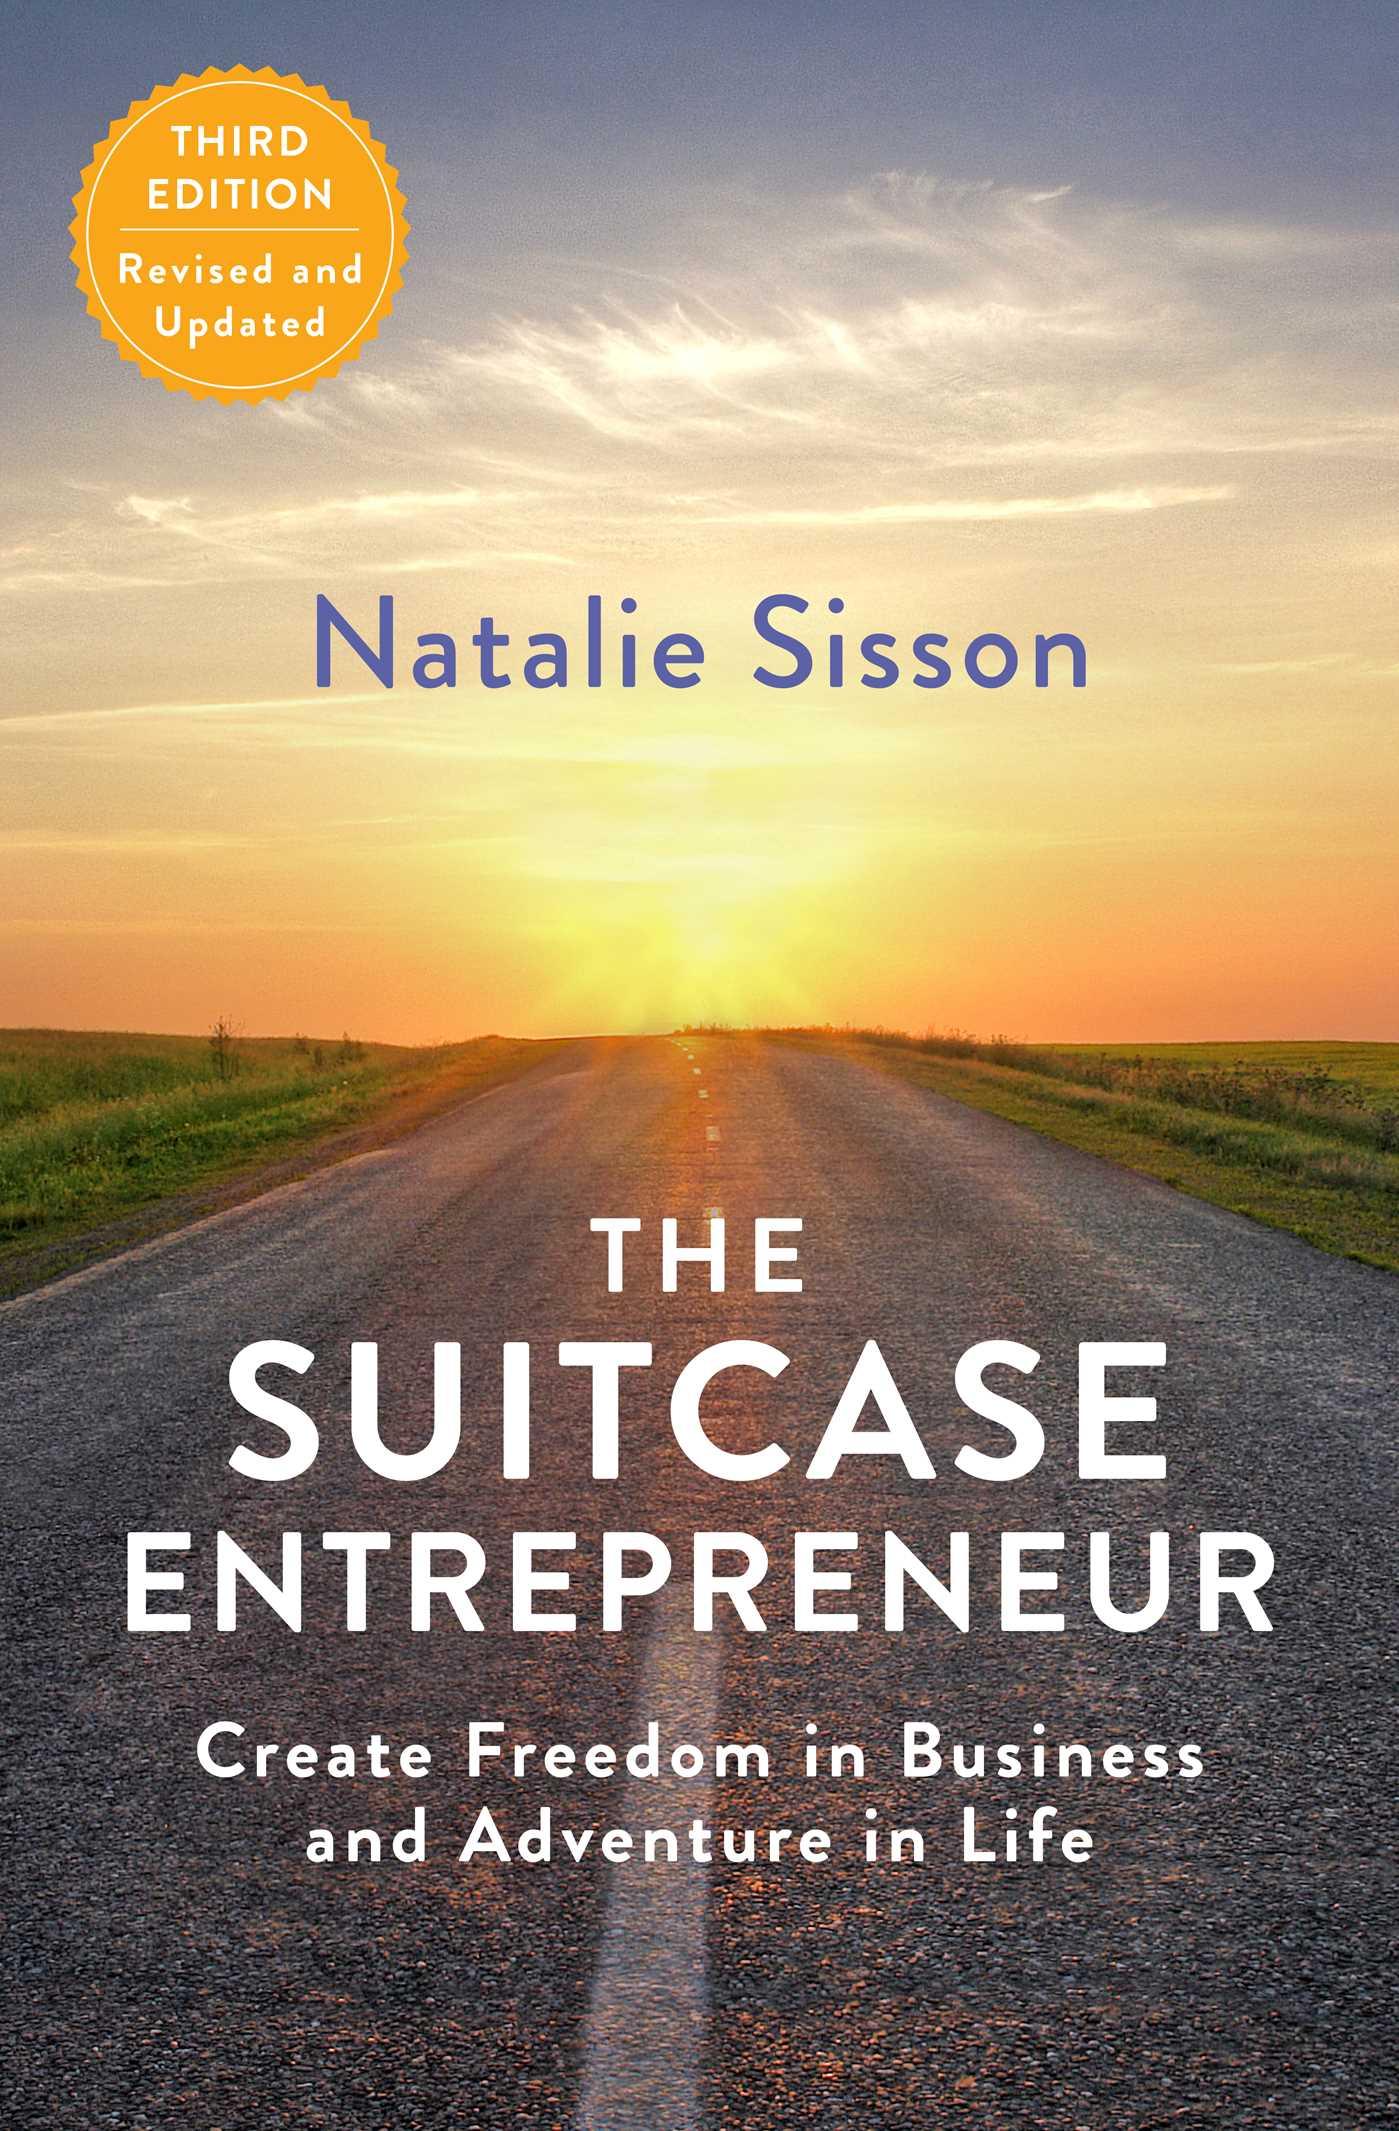 The suitcase entrepreneur 9781501178177 hr